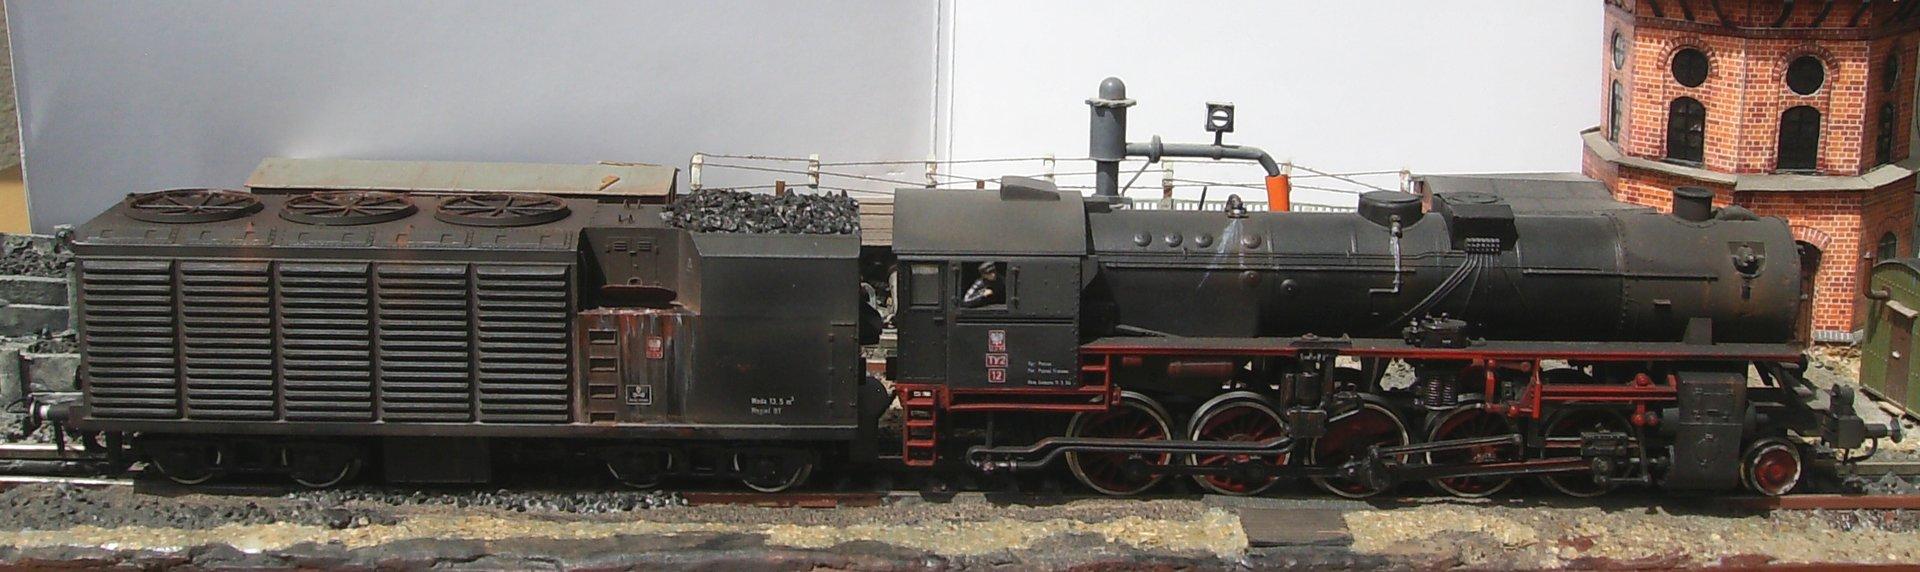 HPIM0056.JPG